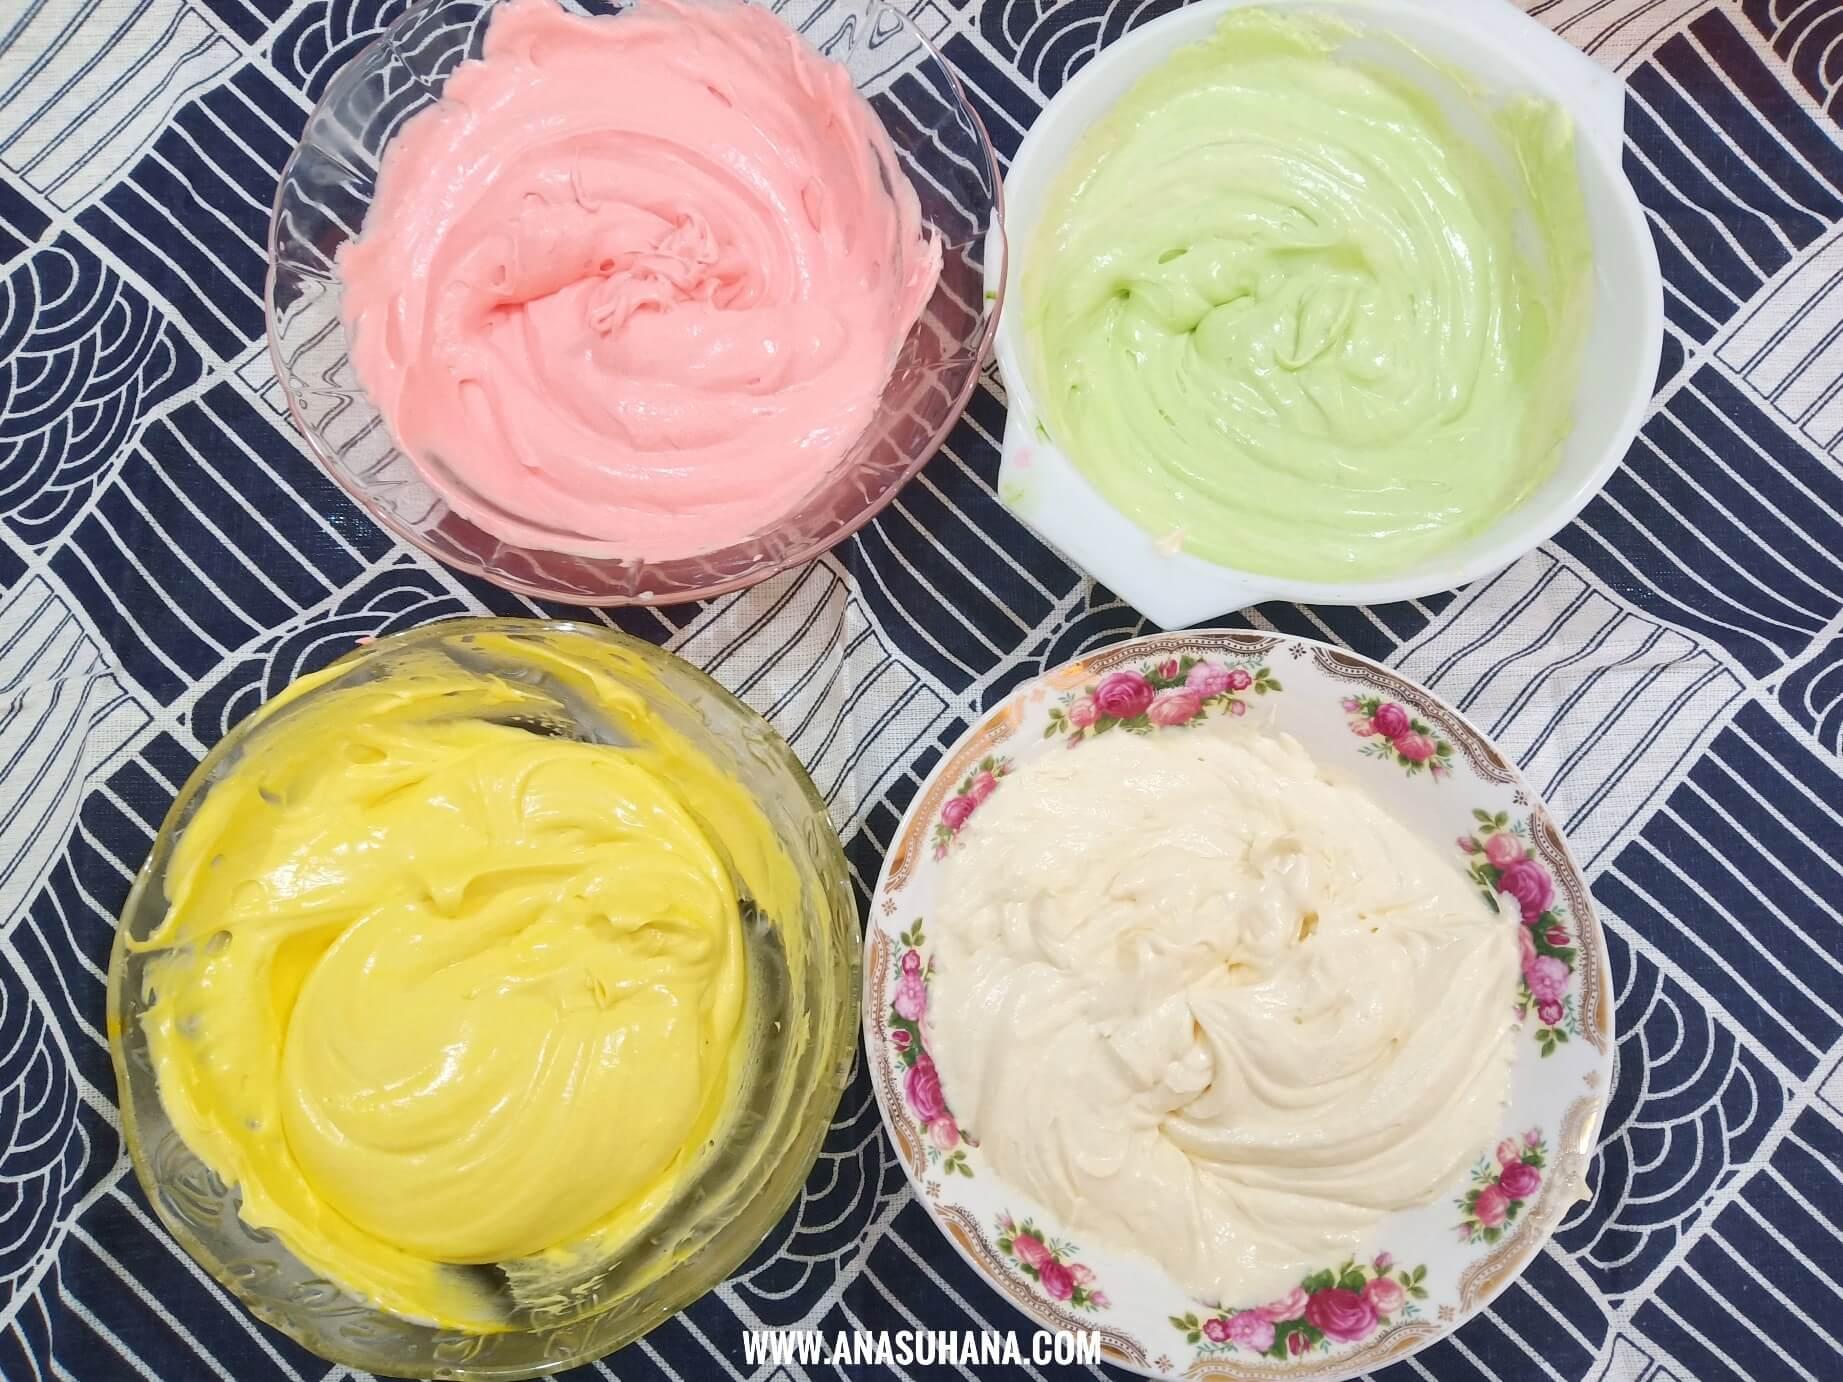 Resipi Kek Butter Marble 5 Bahan Anti Gagal Yang Sedap dan Mudah Disediakan